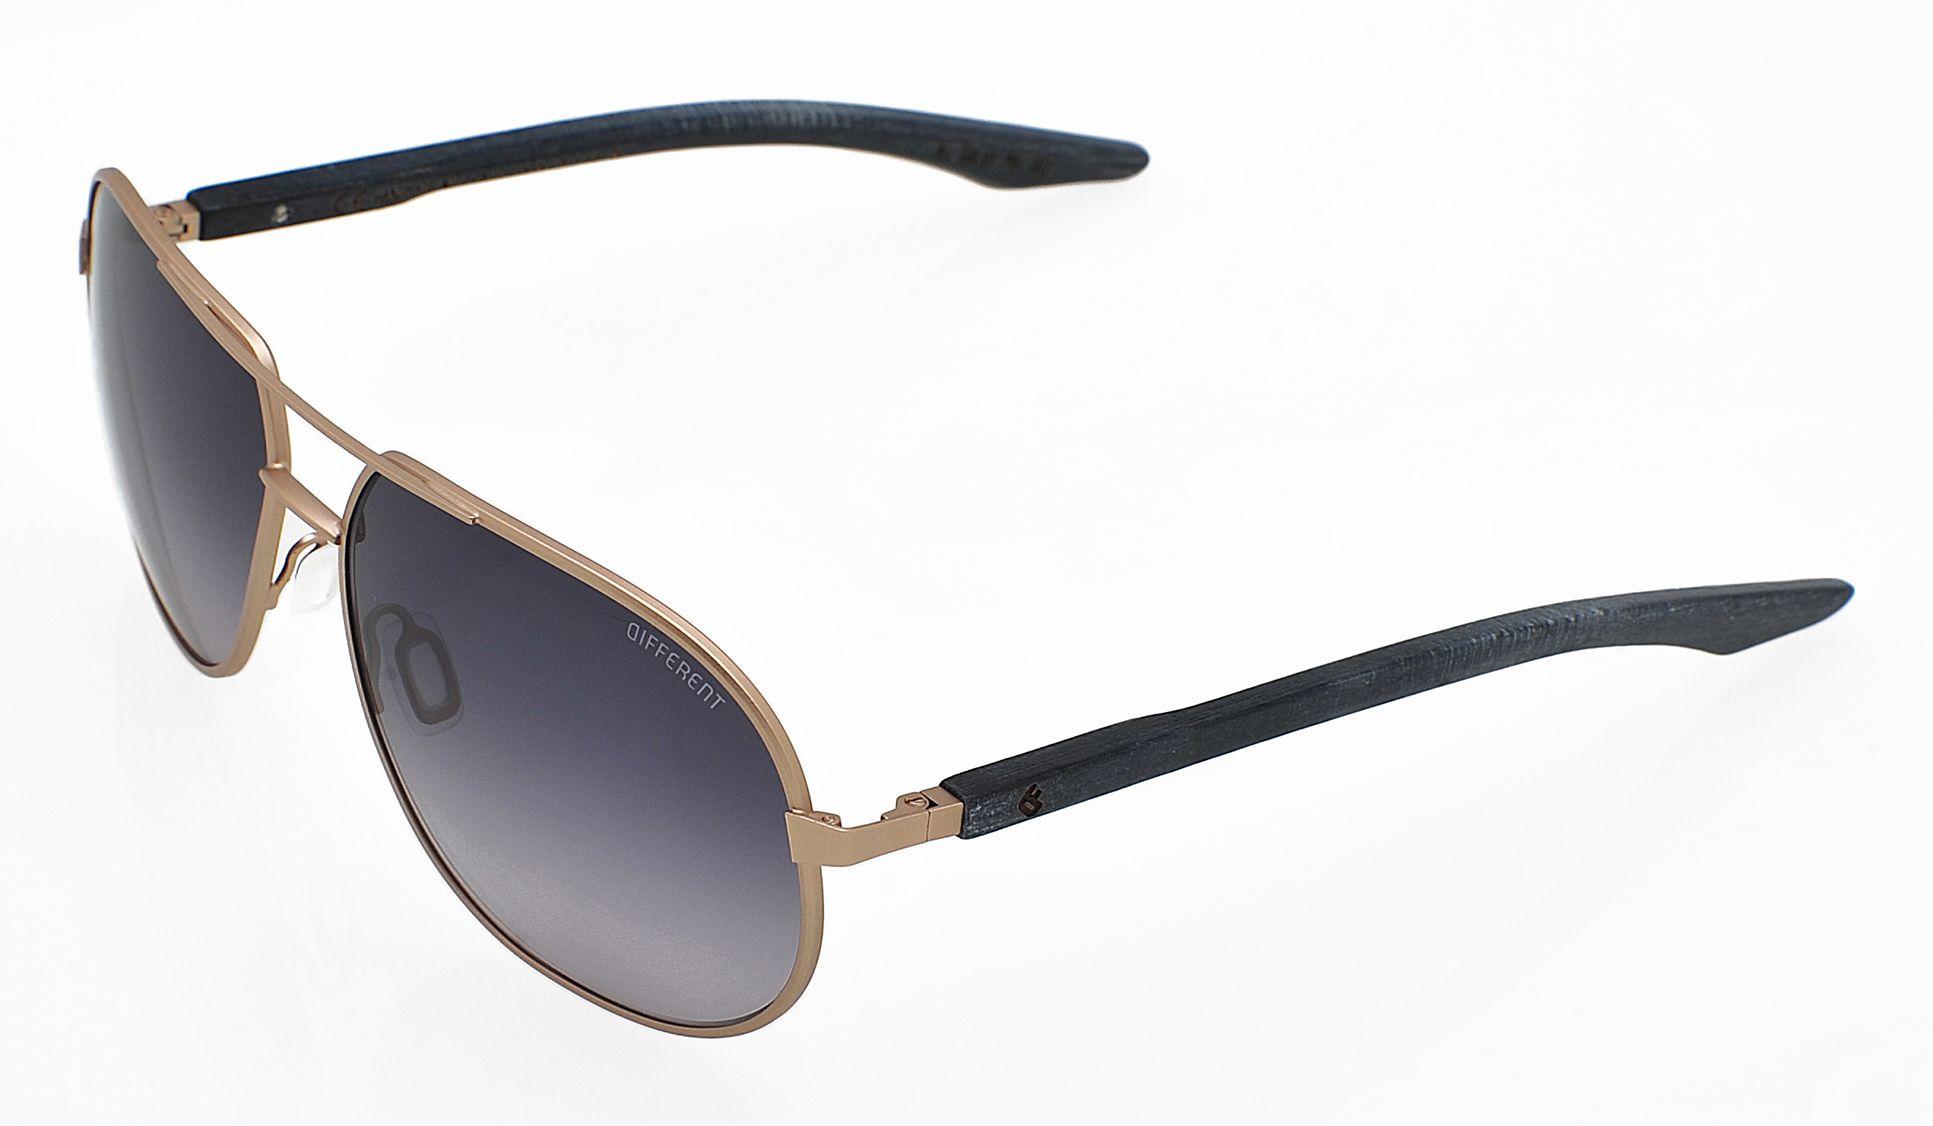 Differnet Eyewear Sunglasses  Jure Limited Model  Carl Zeiss